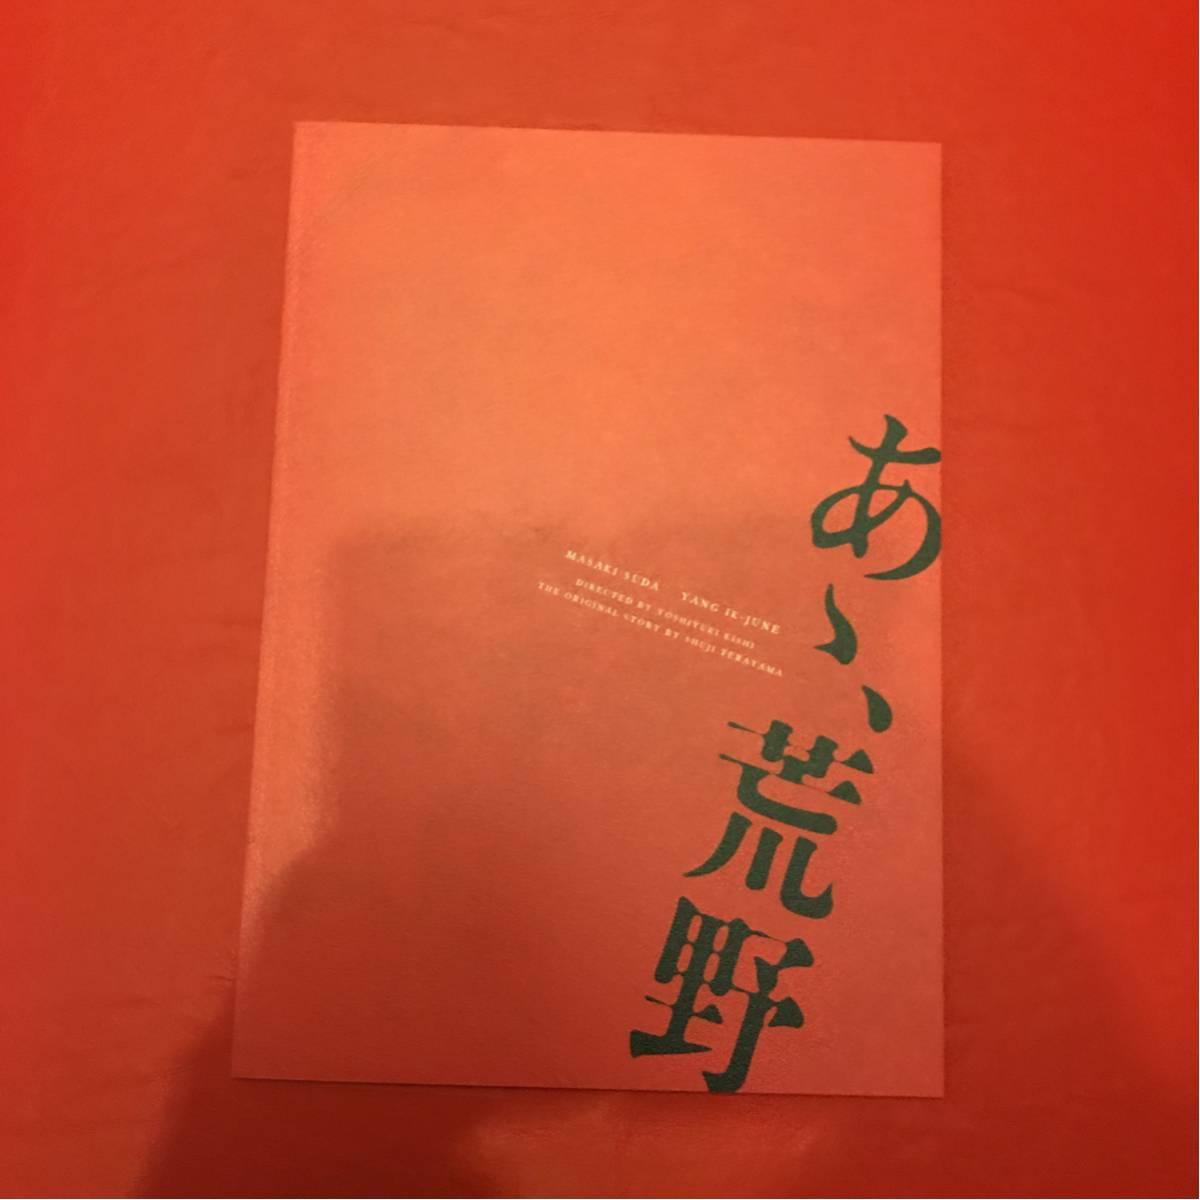 菅田将暉 あゝ荒野 パンフレット グッズの画像